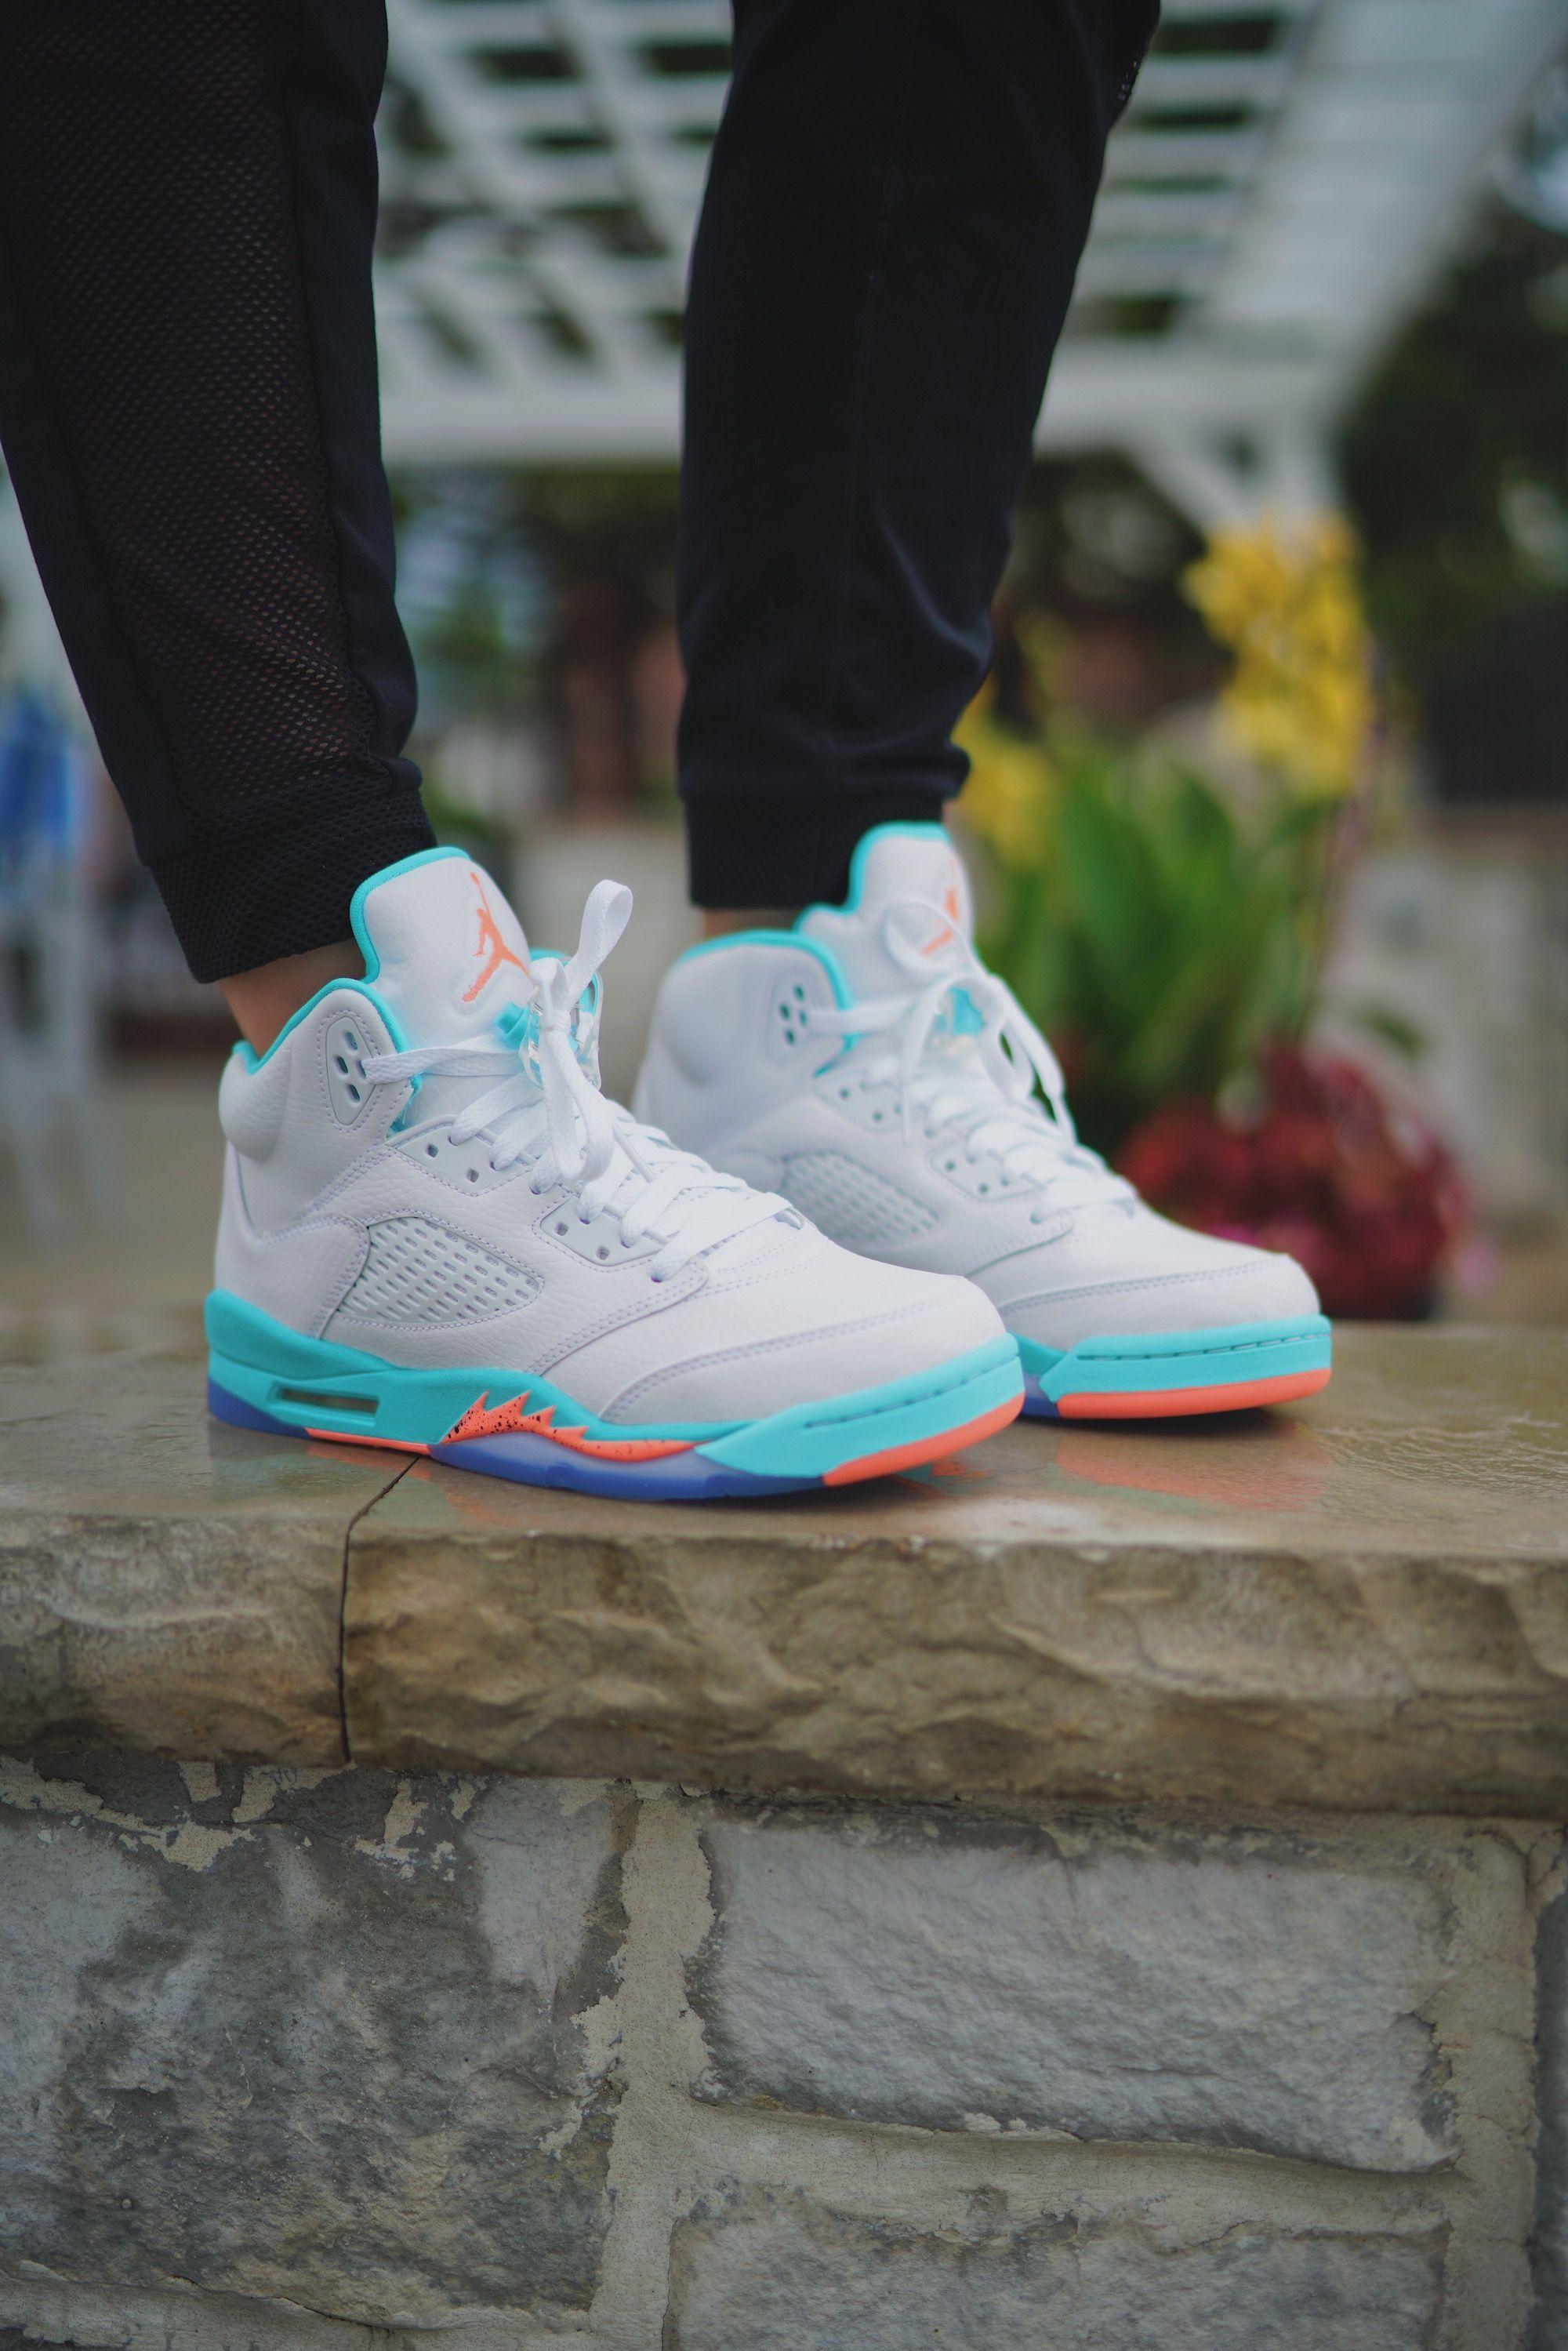 designer fashion a64a2 c5431 Ron Holt on | Basketball Shoes | Jordans, Kids jordans ...